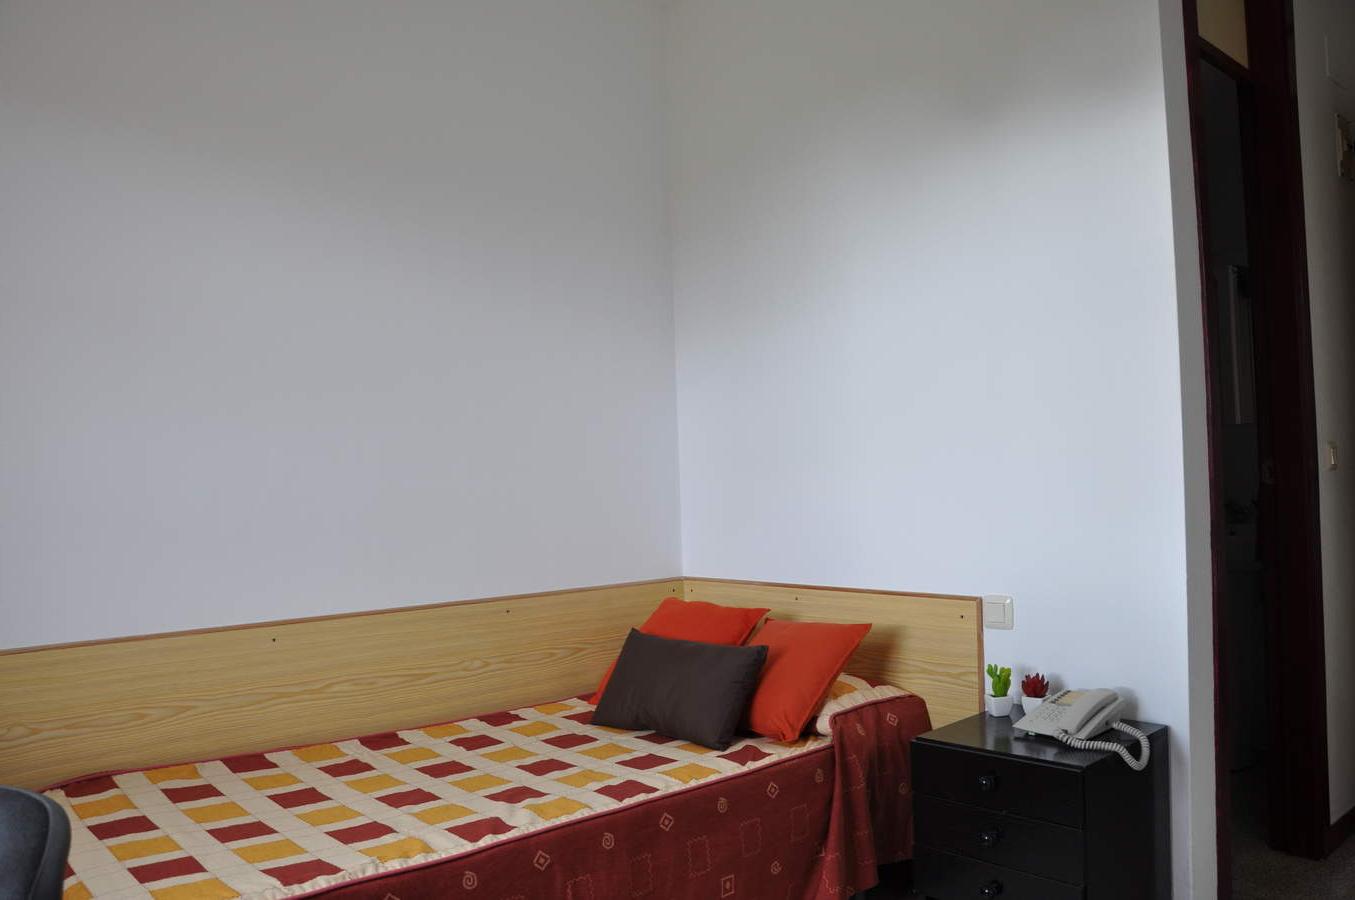 Sofas Coruña 9fdy 24 Rúa Polvorà N A Coruà A Spain 2582 Student Mundial